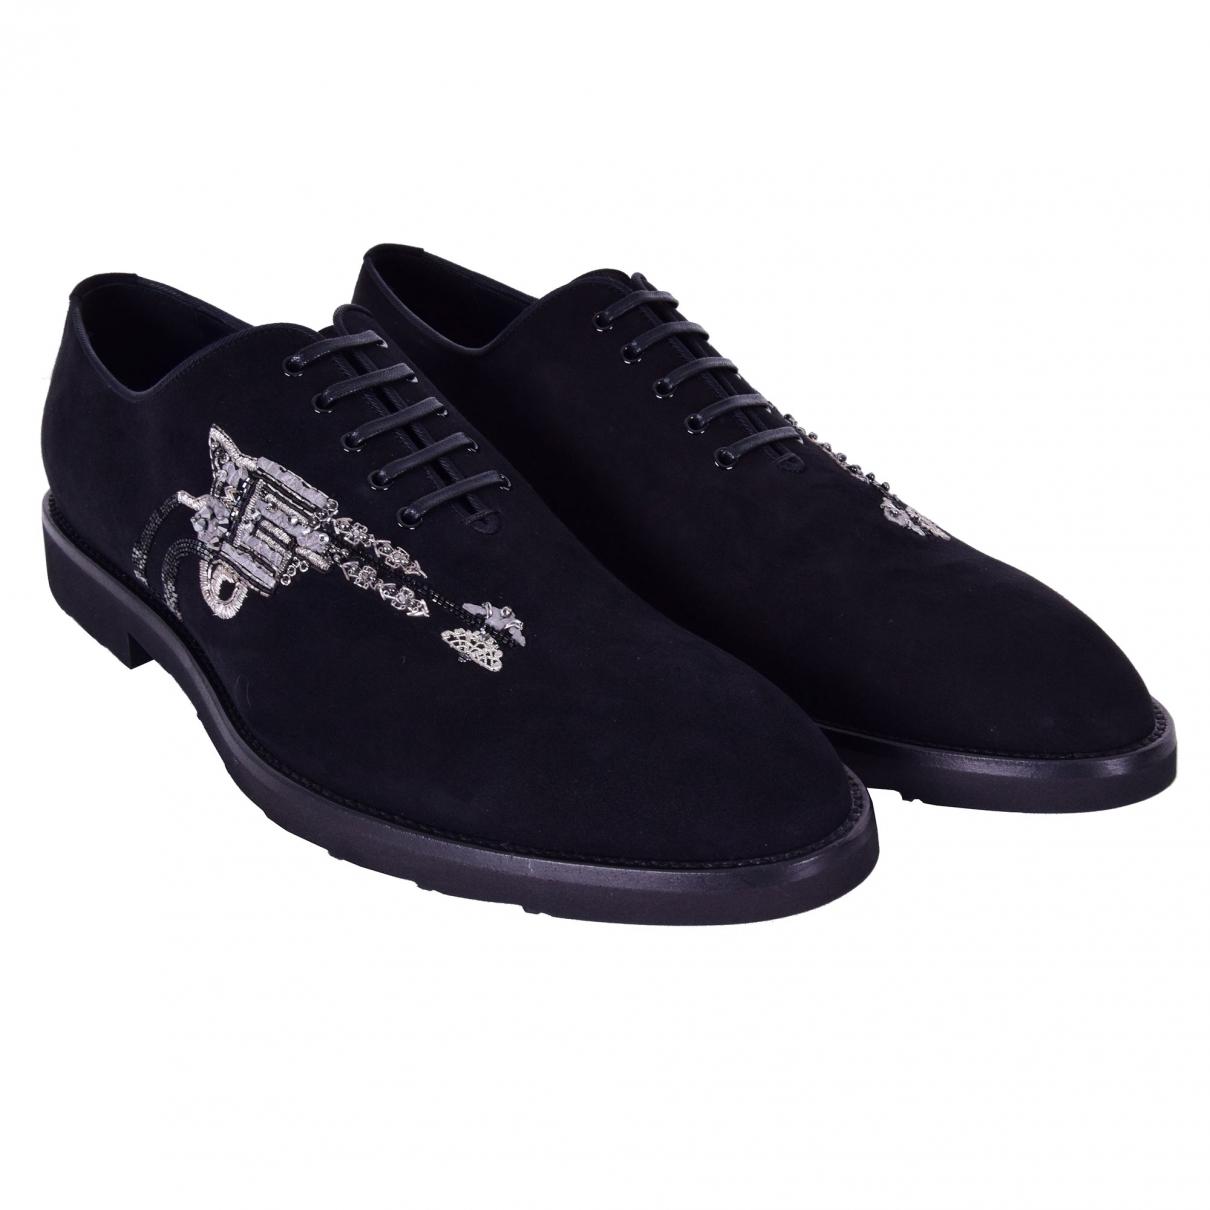 Dolce & Gabbana - Derbies   pour homme en suede - noir